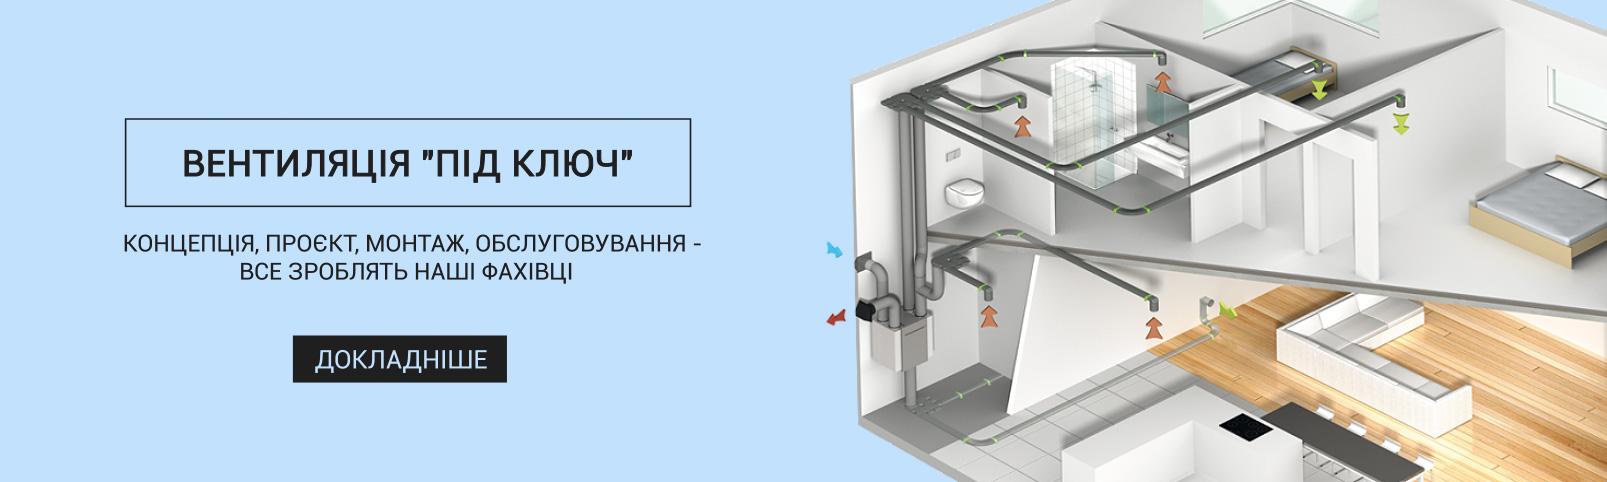 Наші фахівці подбають про кожен етап в реалізації системи вентиляції - від концепції до обслуговування!